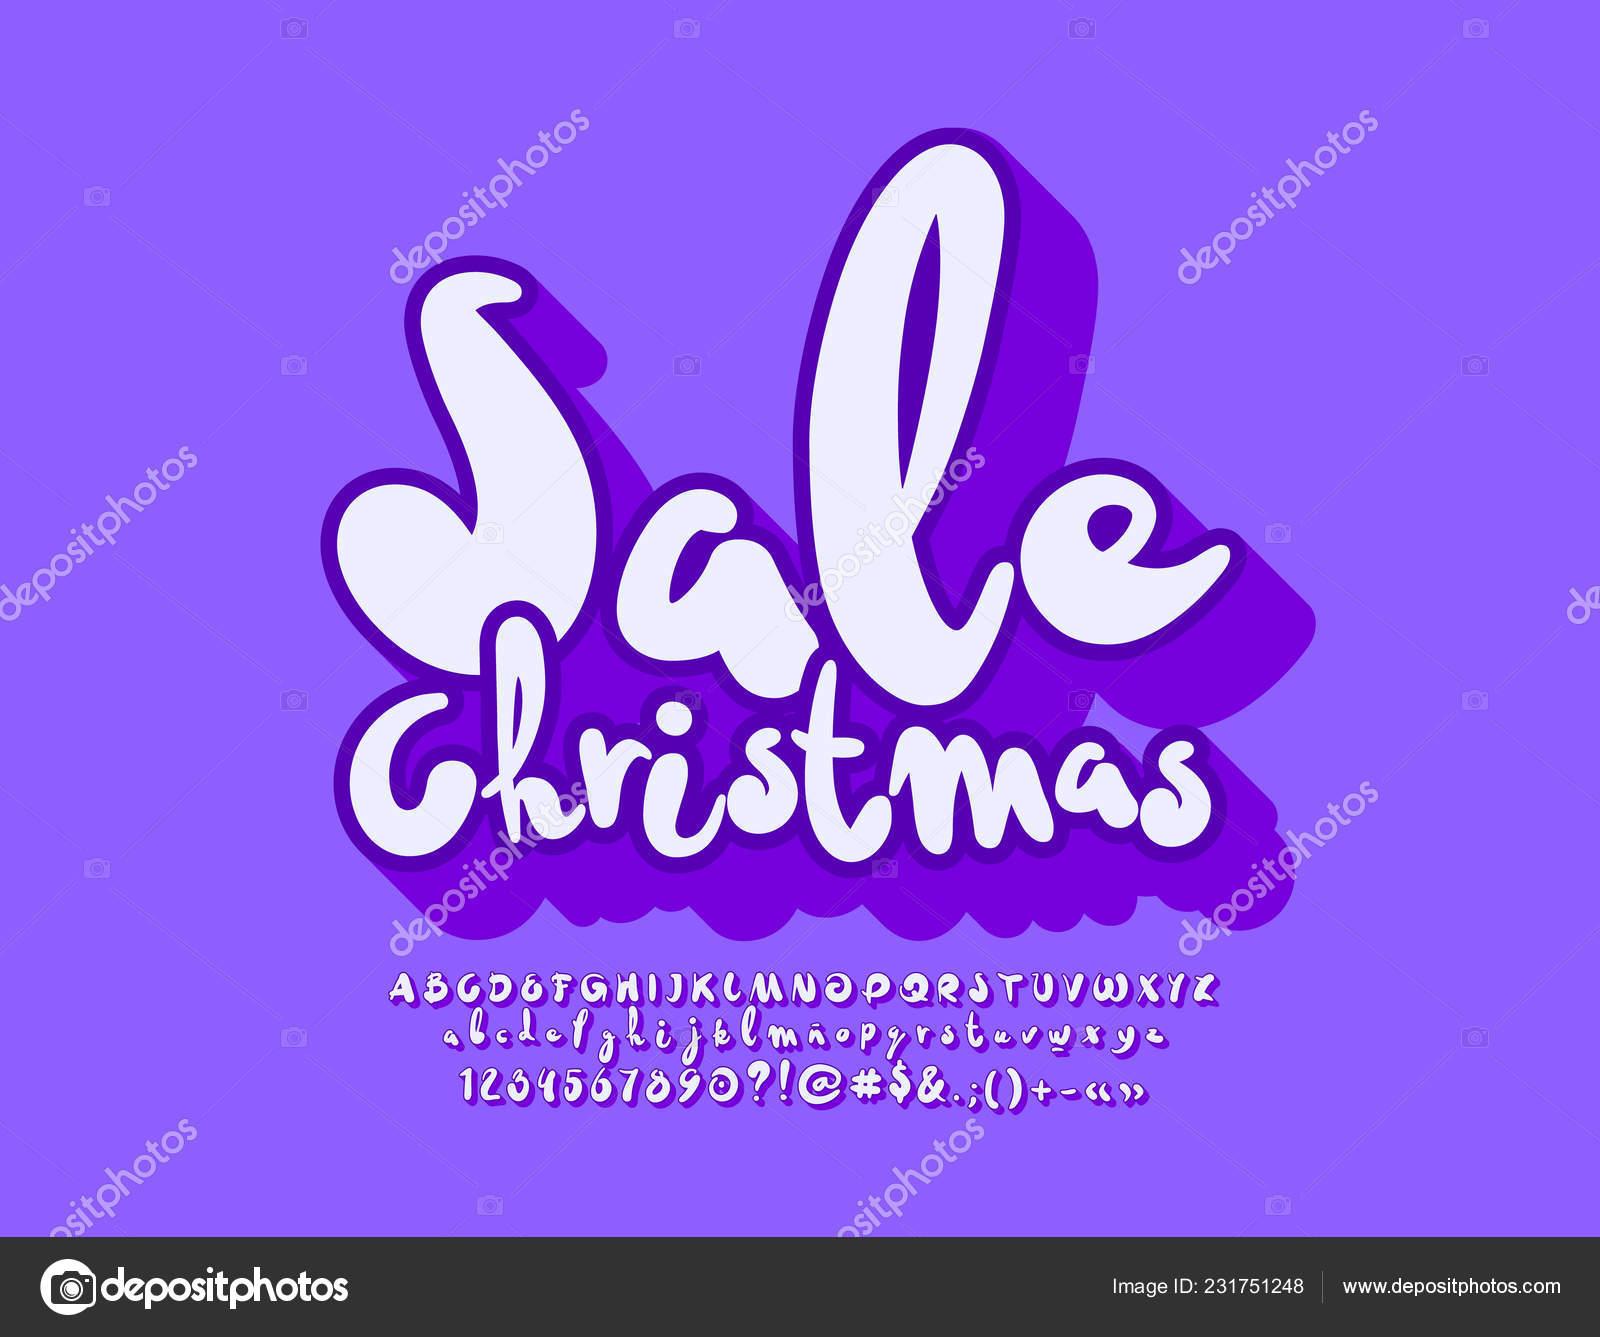 Vector Brillante Navidad Venta Emblema Juego Divertidos Hechos Mano